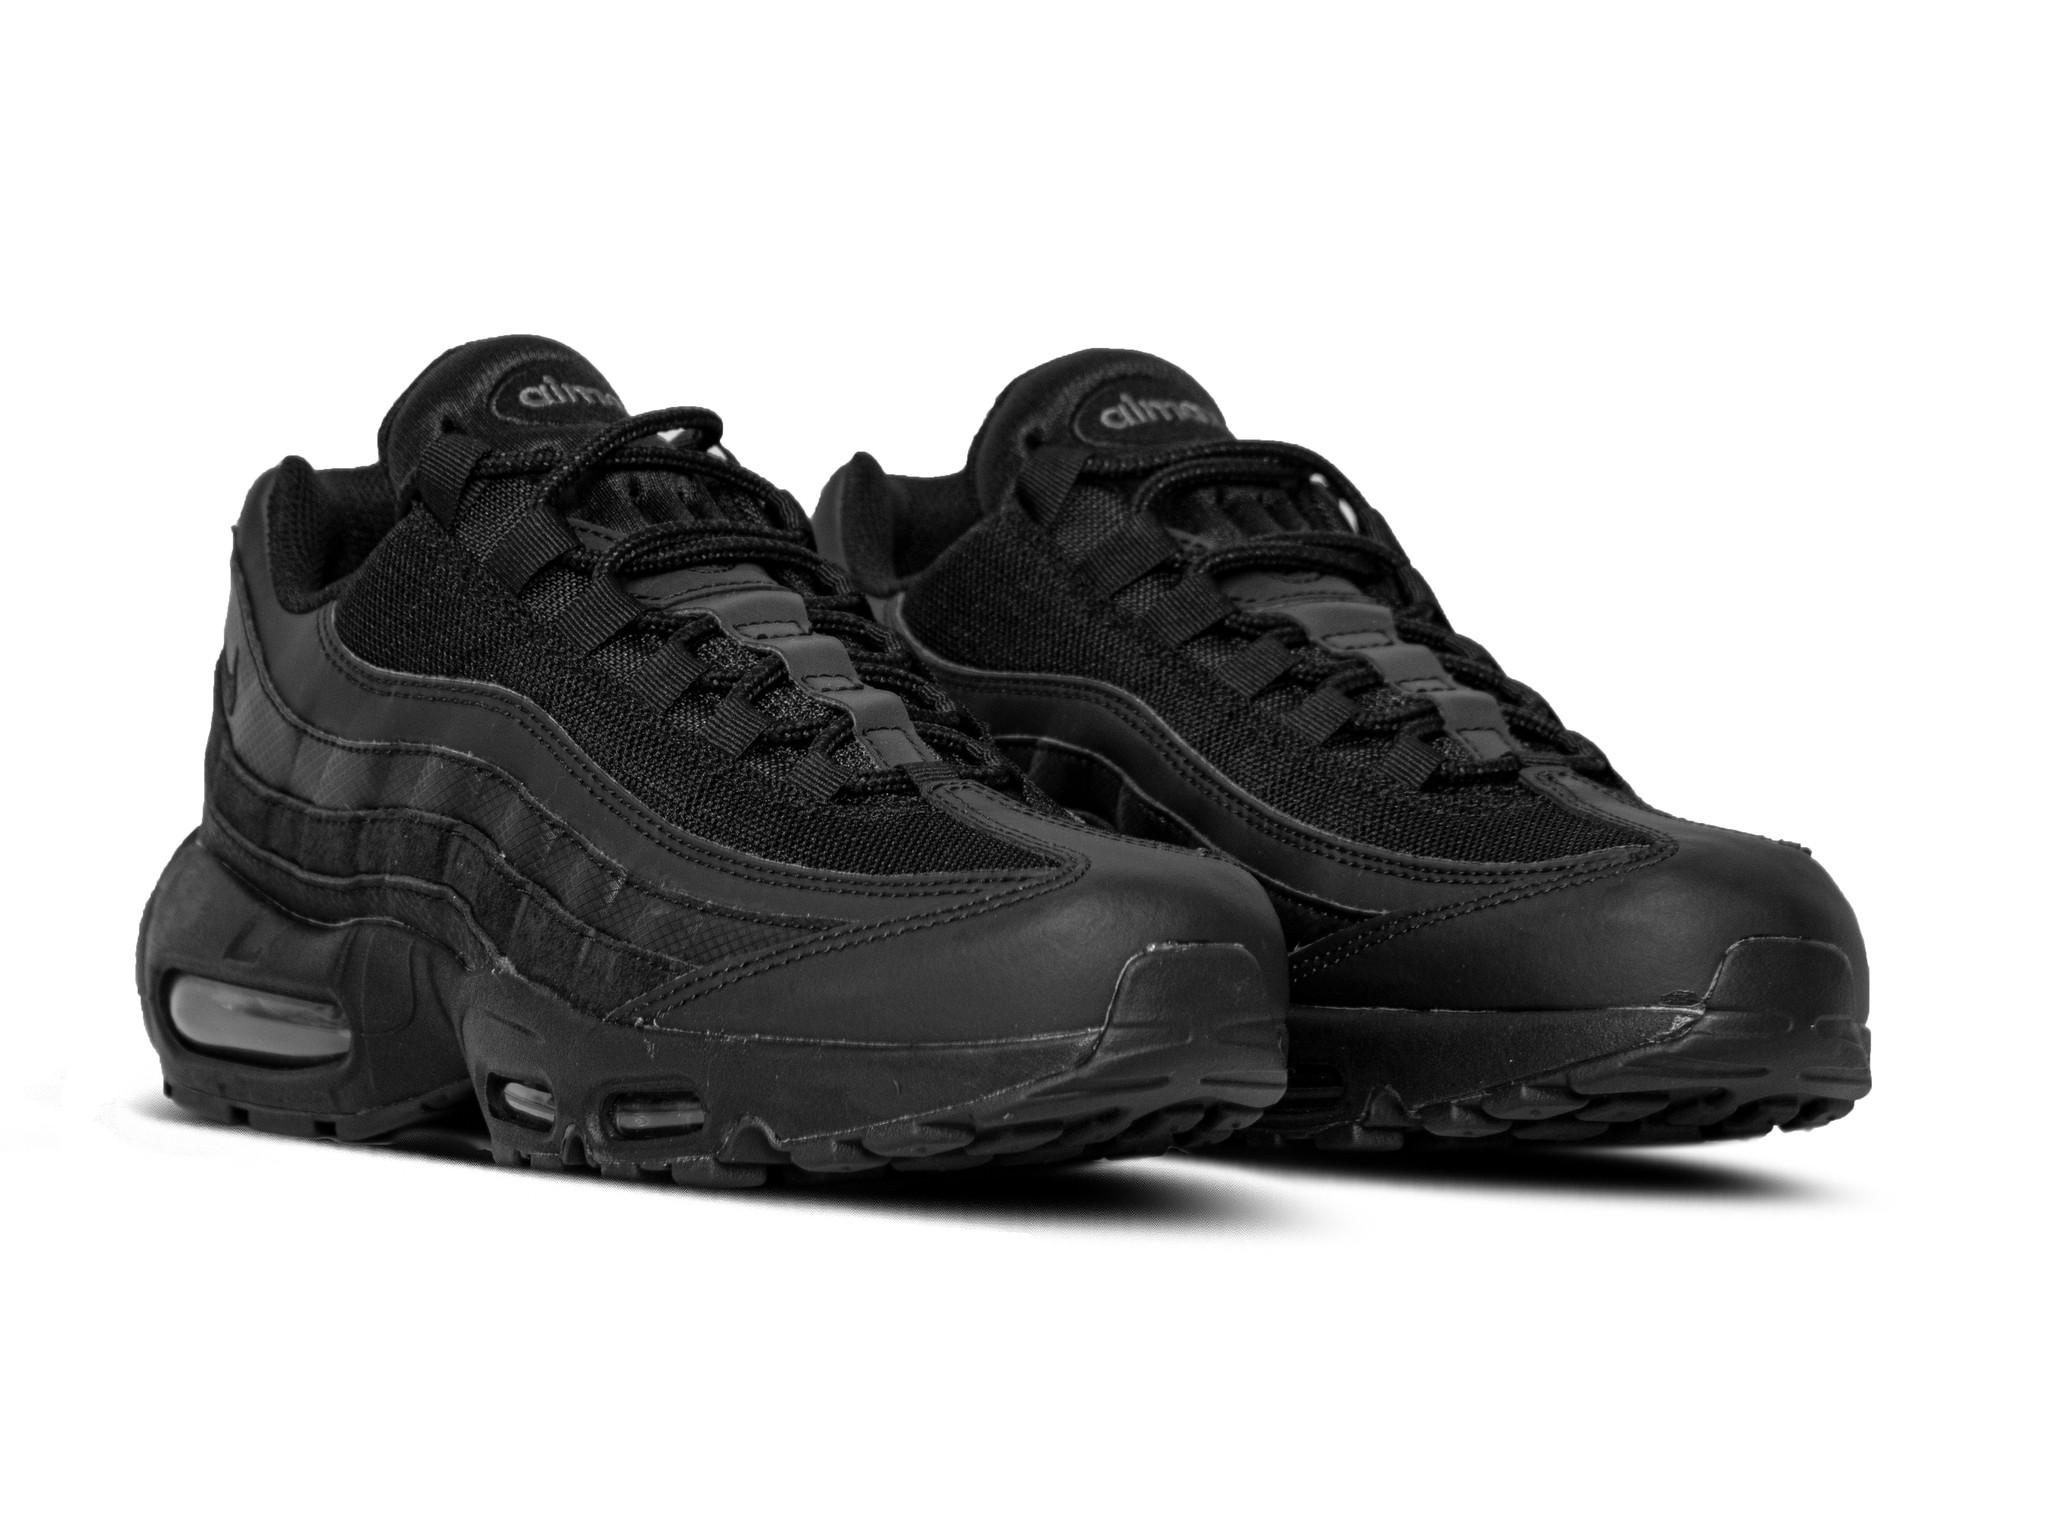 Nike Air Max 95 Essential Black Black Dark Grey CI3705 001